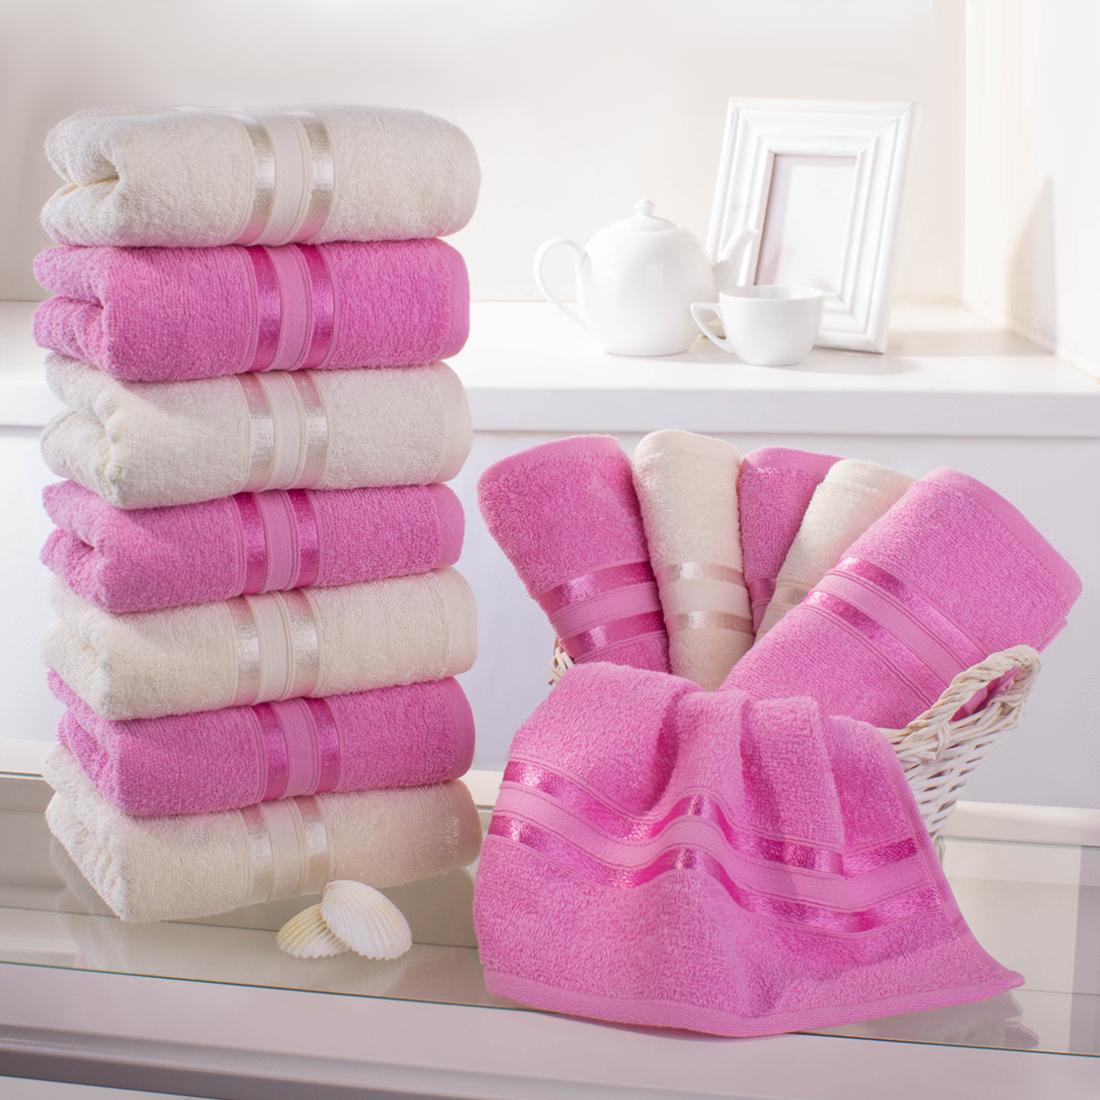 Полотенца Dome, Полотенце для рук Harmonika Цвет: Розовая Вишня-Молочный (33х50 см - 12 шт), Дания, Махра  - Купить